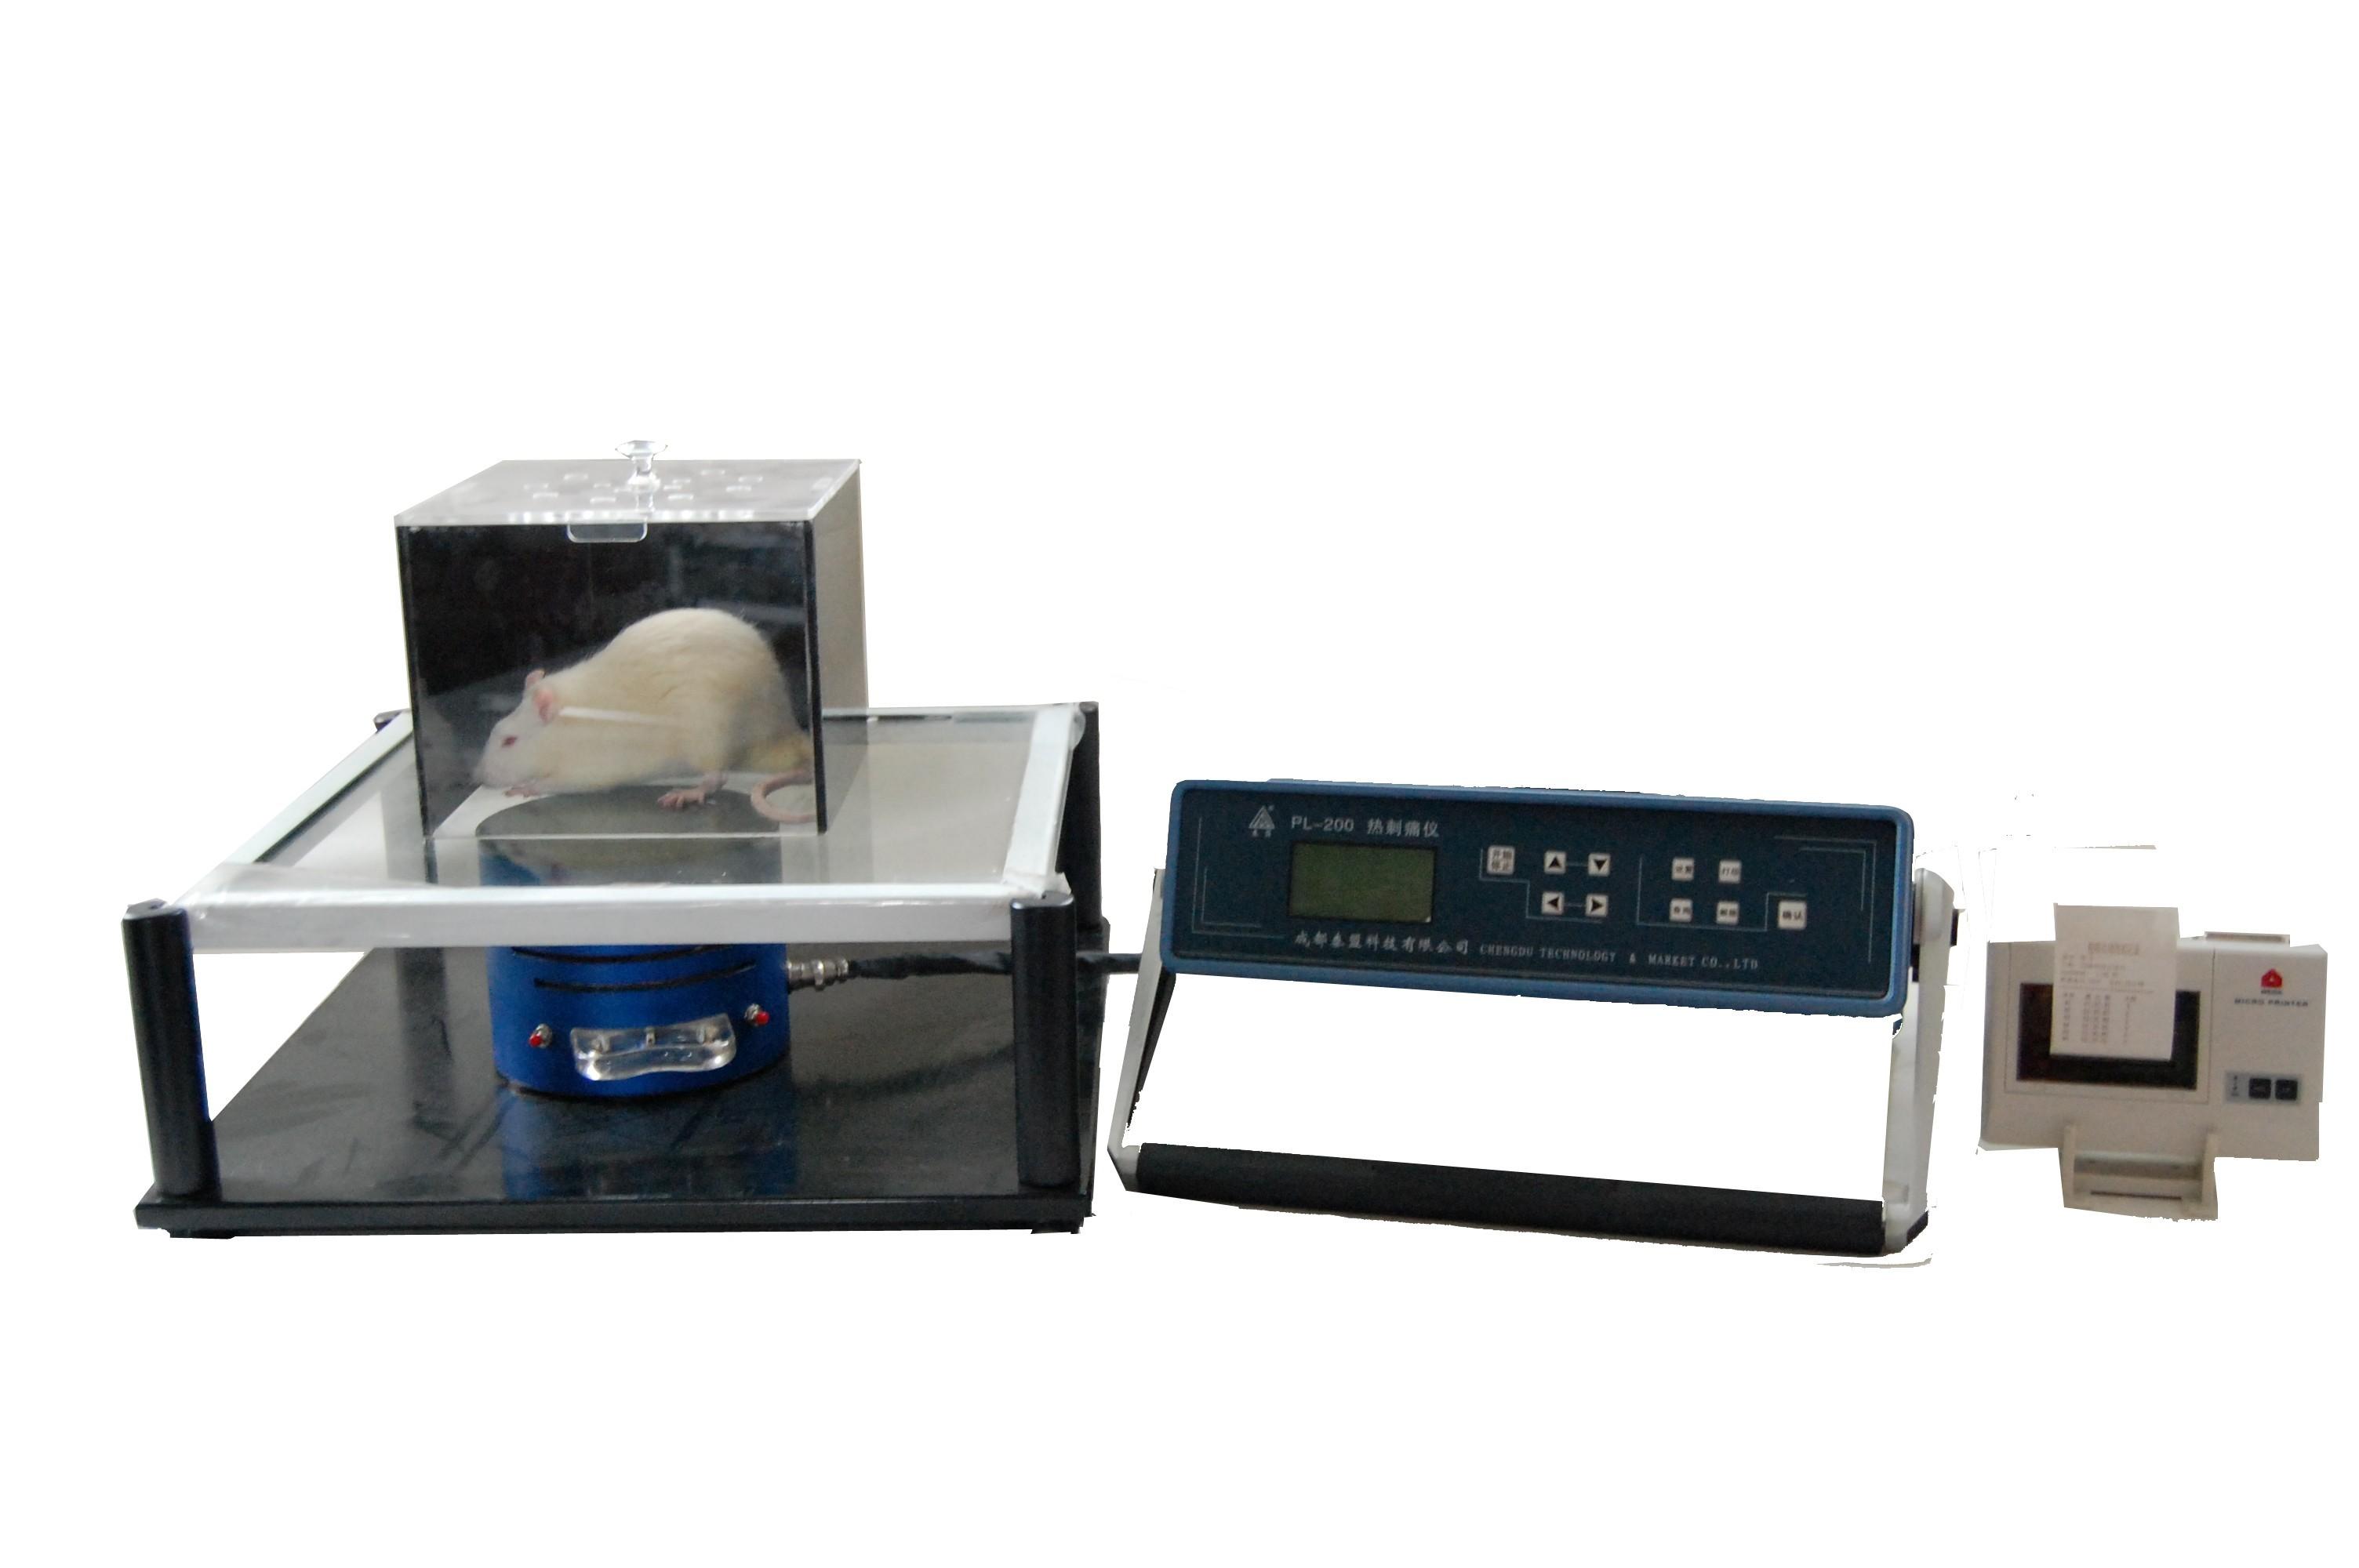 泰盟 热刺痛仪PL-200(单道型)